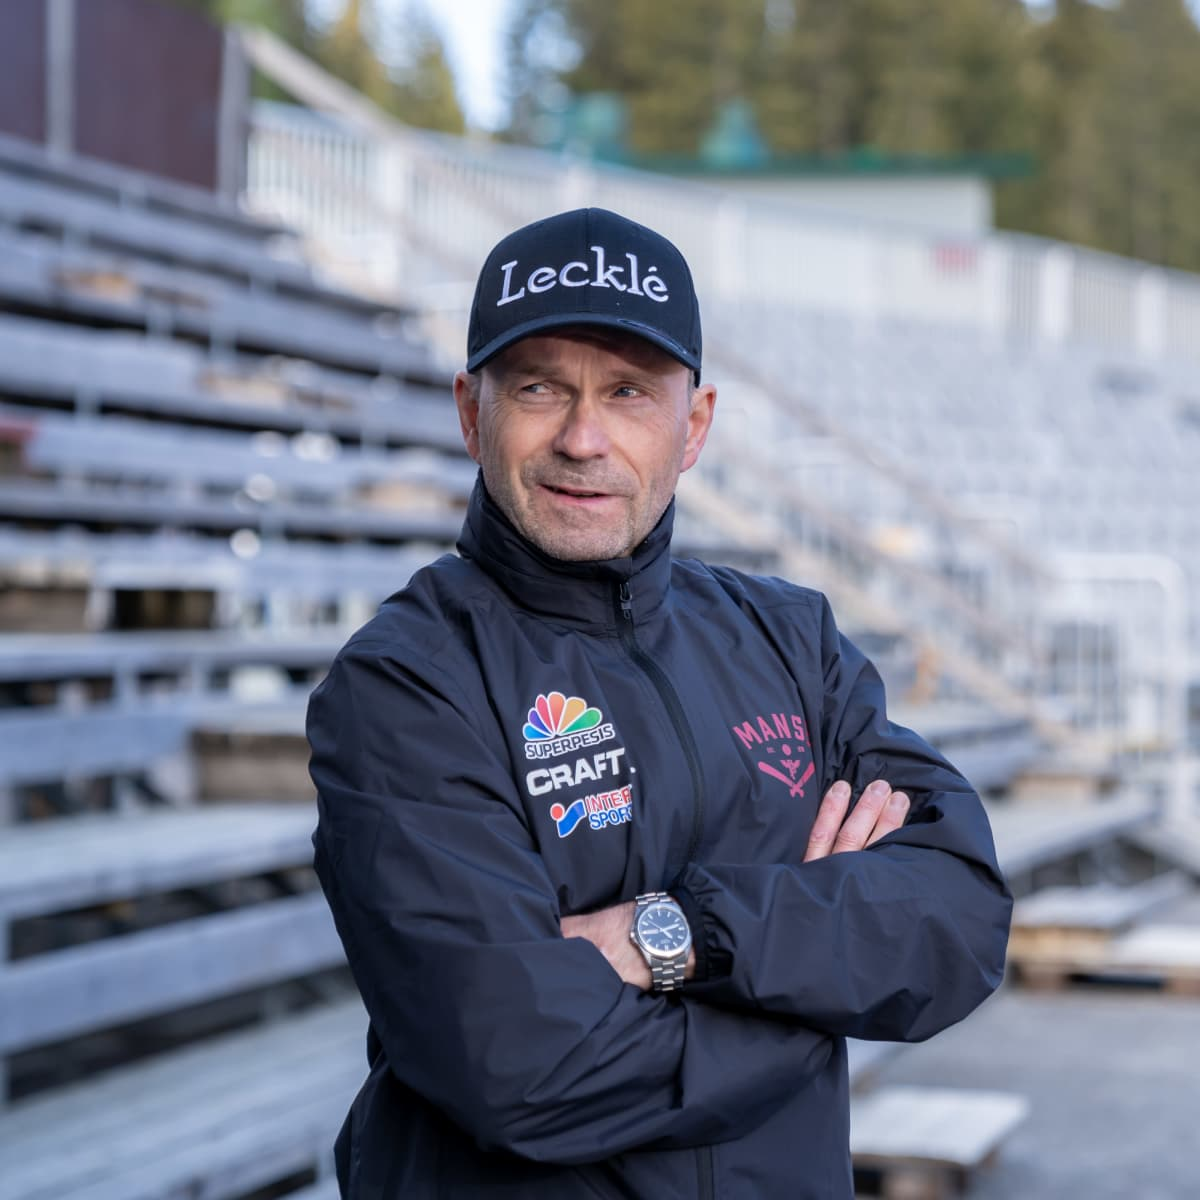 Pesäpalloseura Manse PP:n pelinjohtaja Matti Iivarinen, Tampere, 23.5.2021.